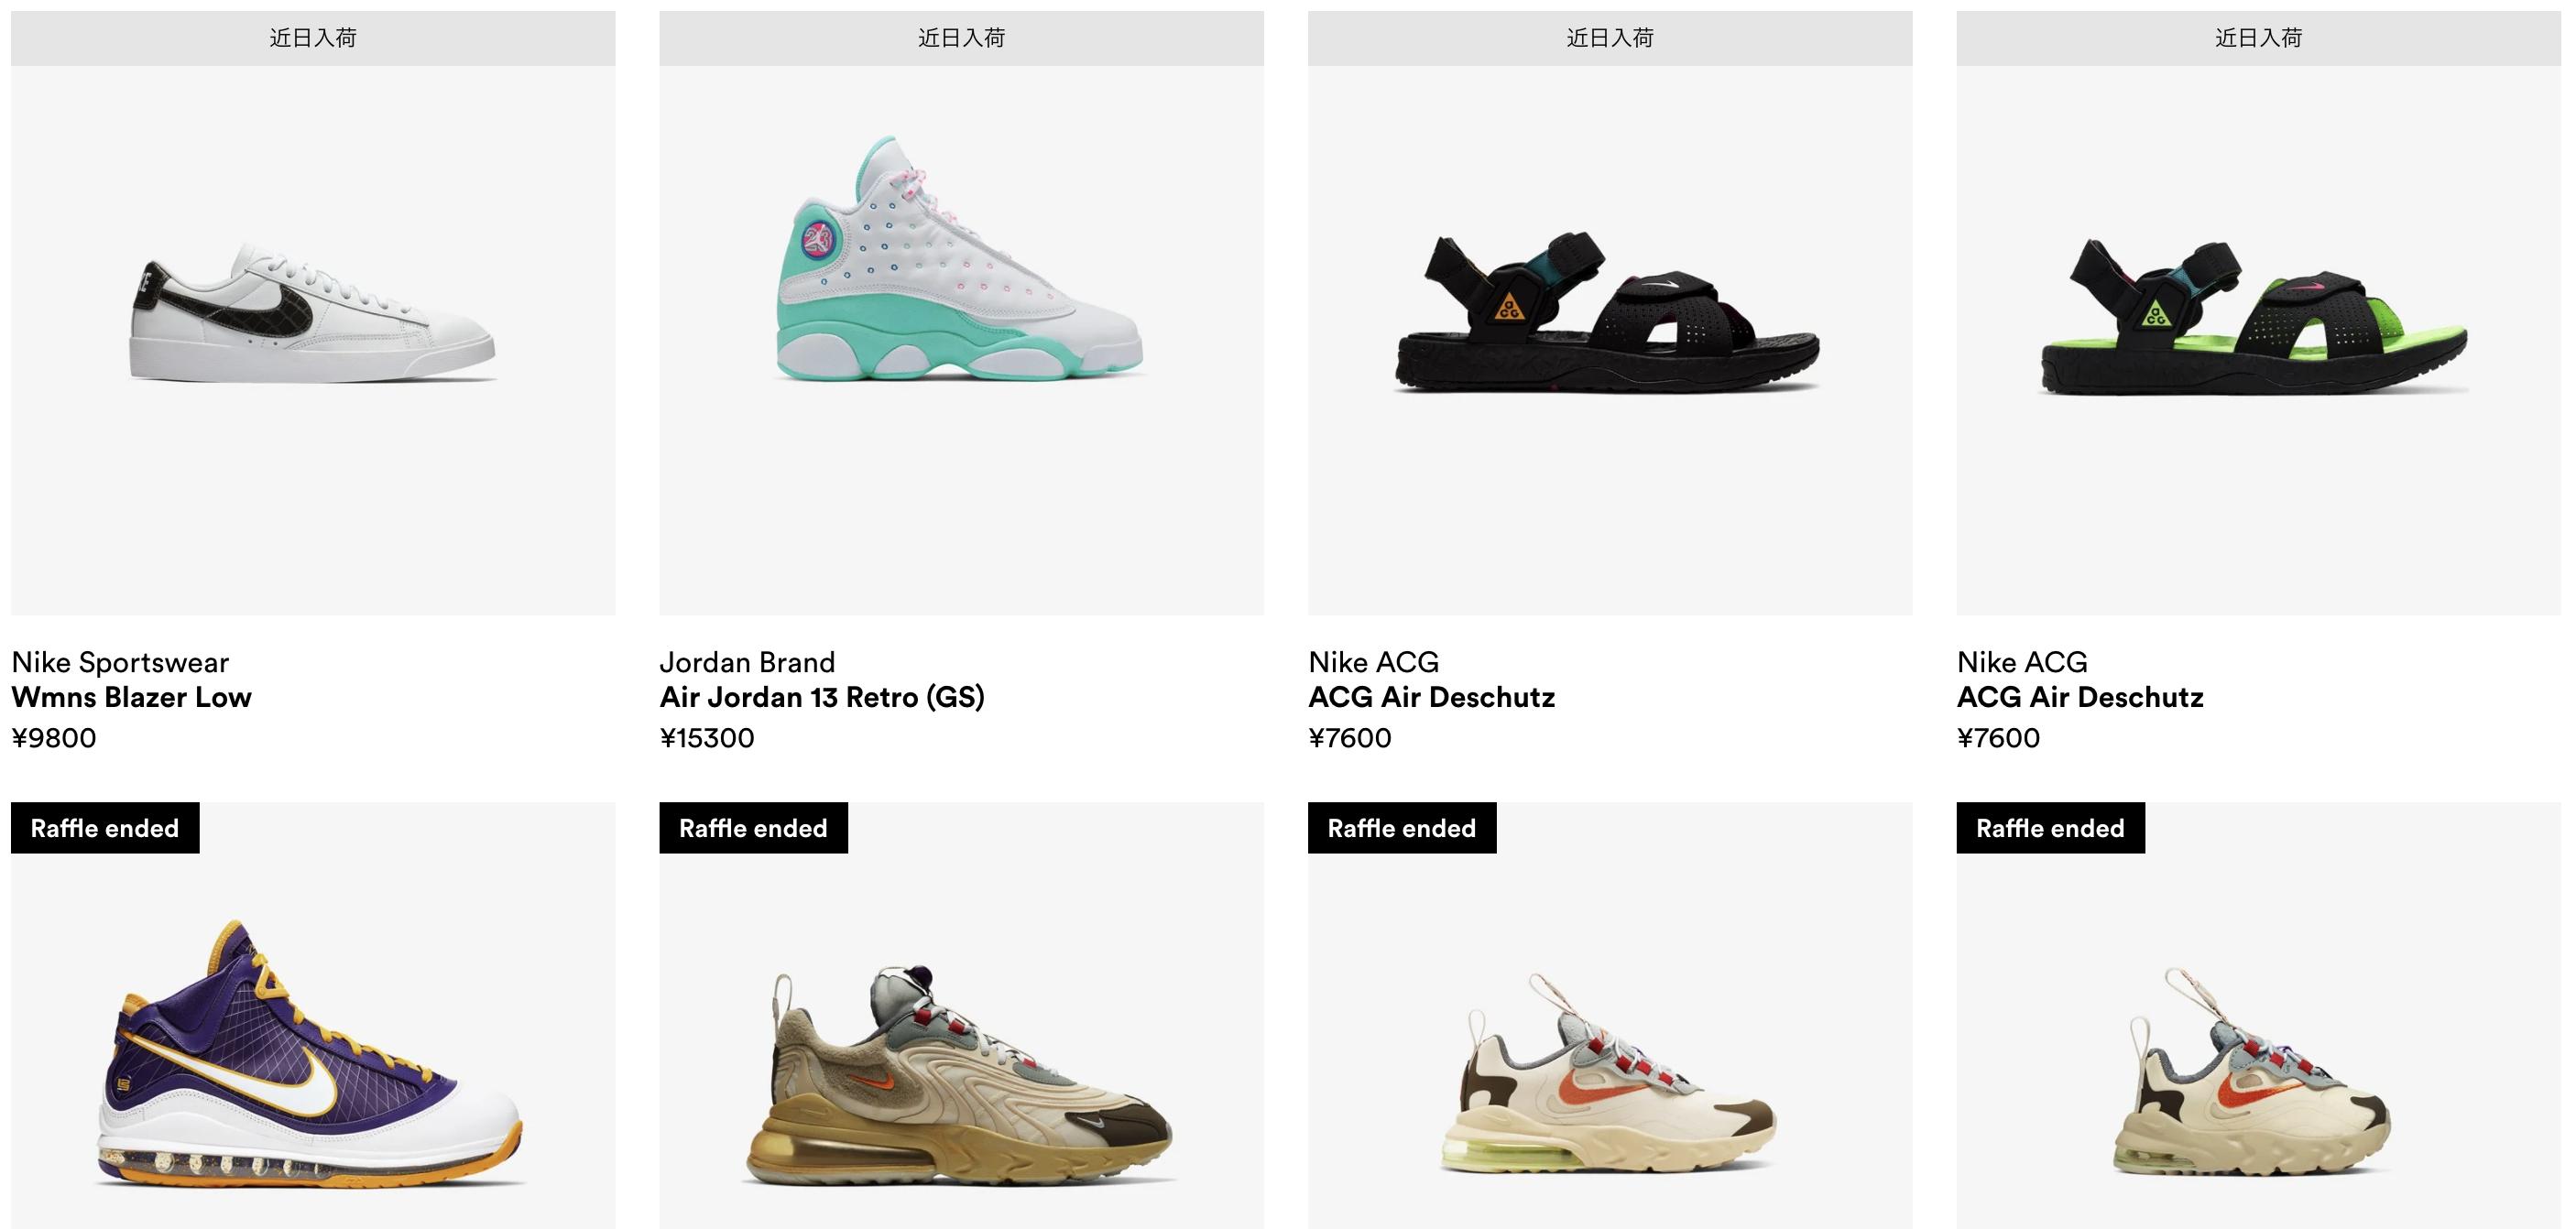 【シューズ好き必見】レアなシューズを購入出来るサイト「Sneakersnstuff」を紹介!